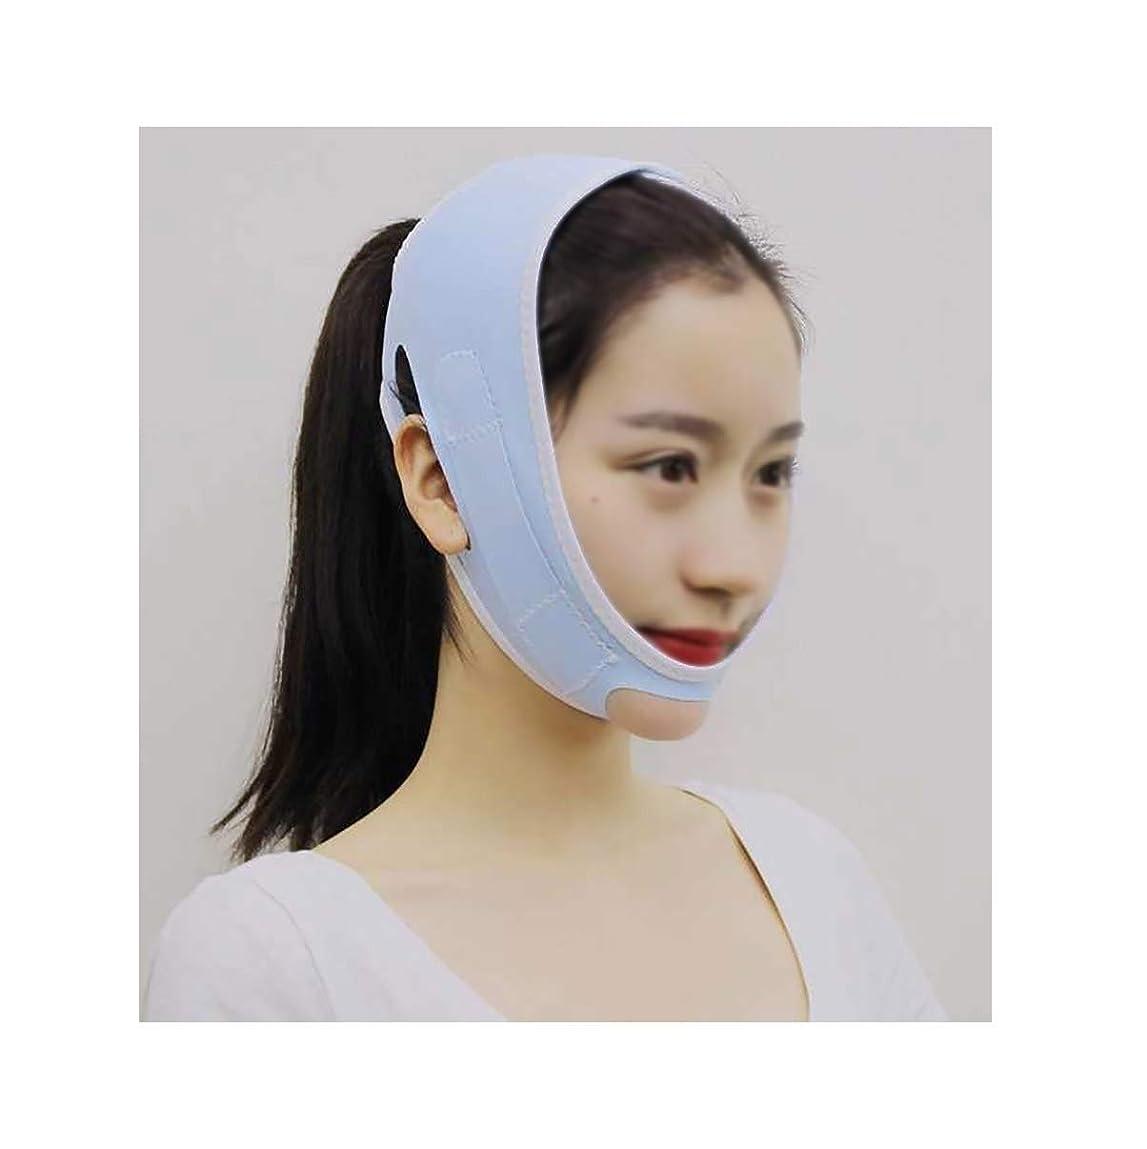 価値信じられない鎮痛剤GLJJQMY フェイシャルリフティングマスクあごストラップ修復包帯ヘッドバンドマスクフェイスリフティングスモールVフェイスアーティファクト型美容弾性フェイシャル&ネックリフティング 顔用整形マスク (Color : Blue)